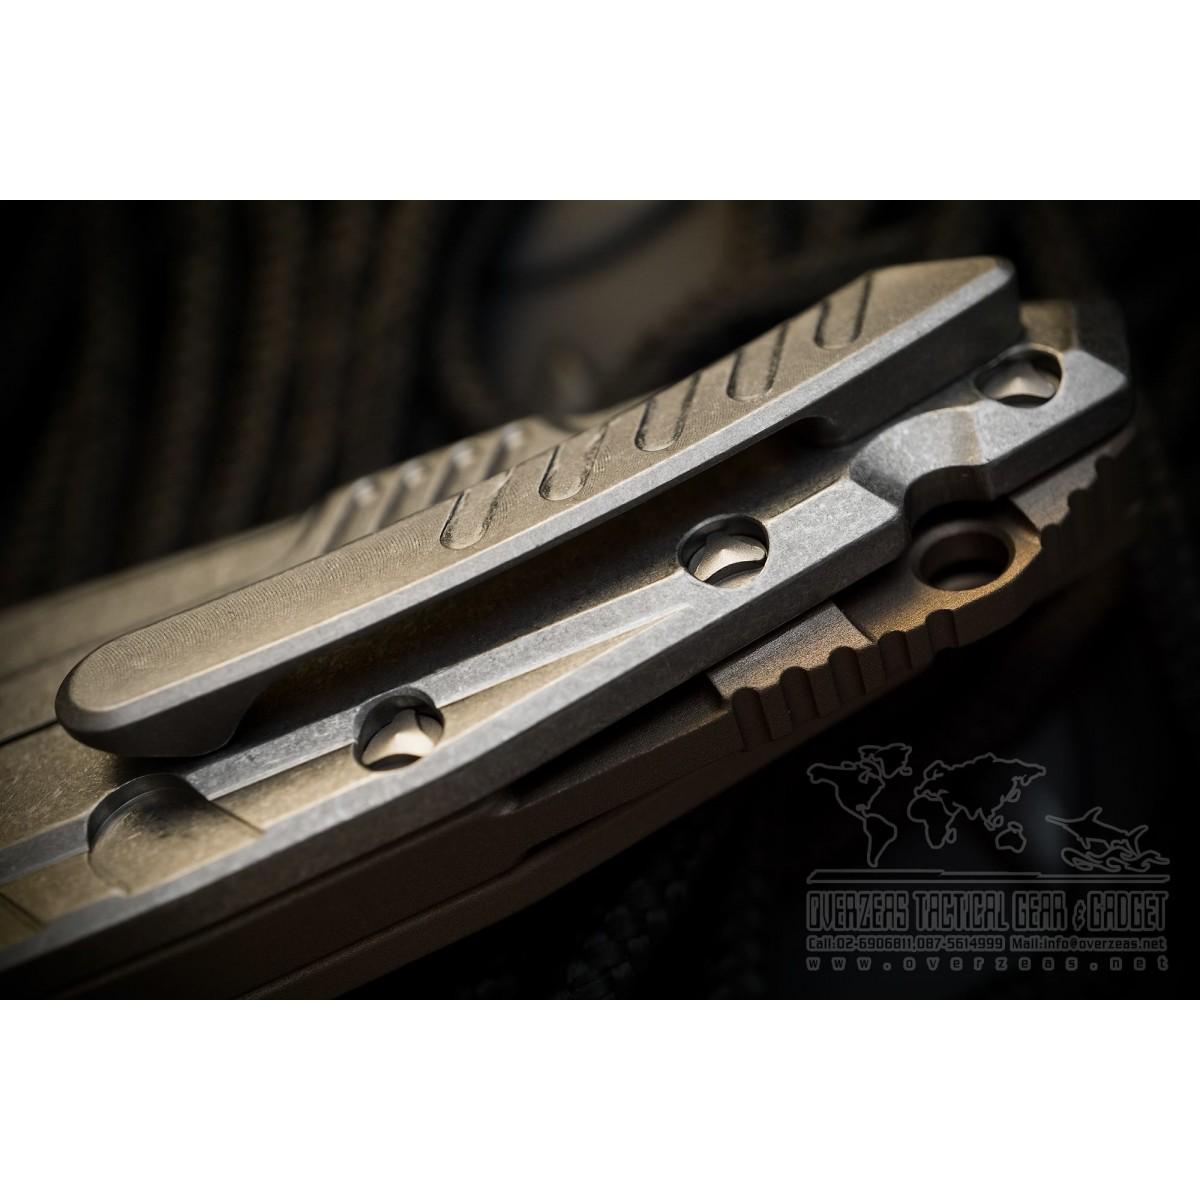 มีดพับ Microtech Sigil MK6 Frame Lock Tan Stonewash (196-10TA)